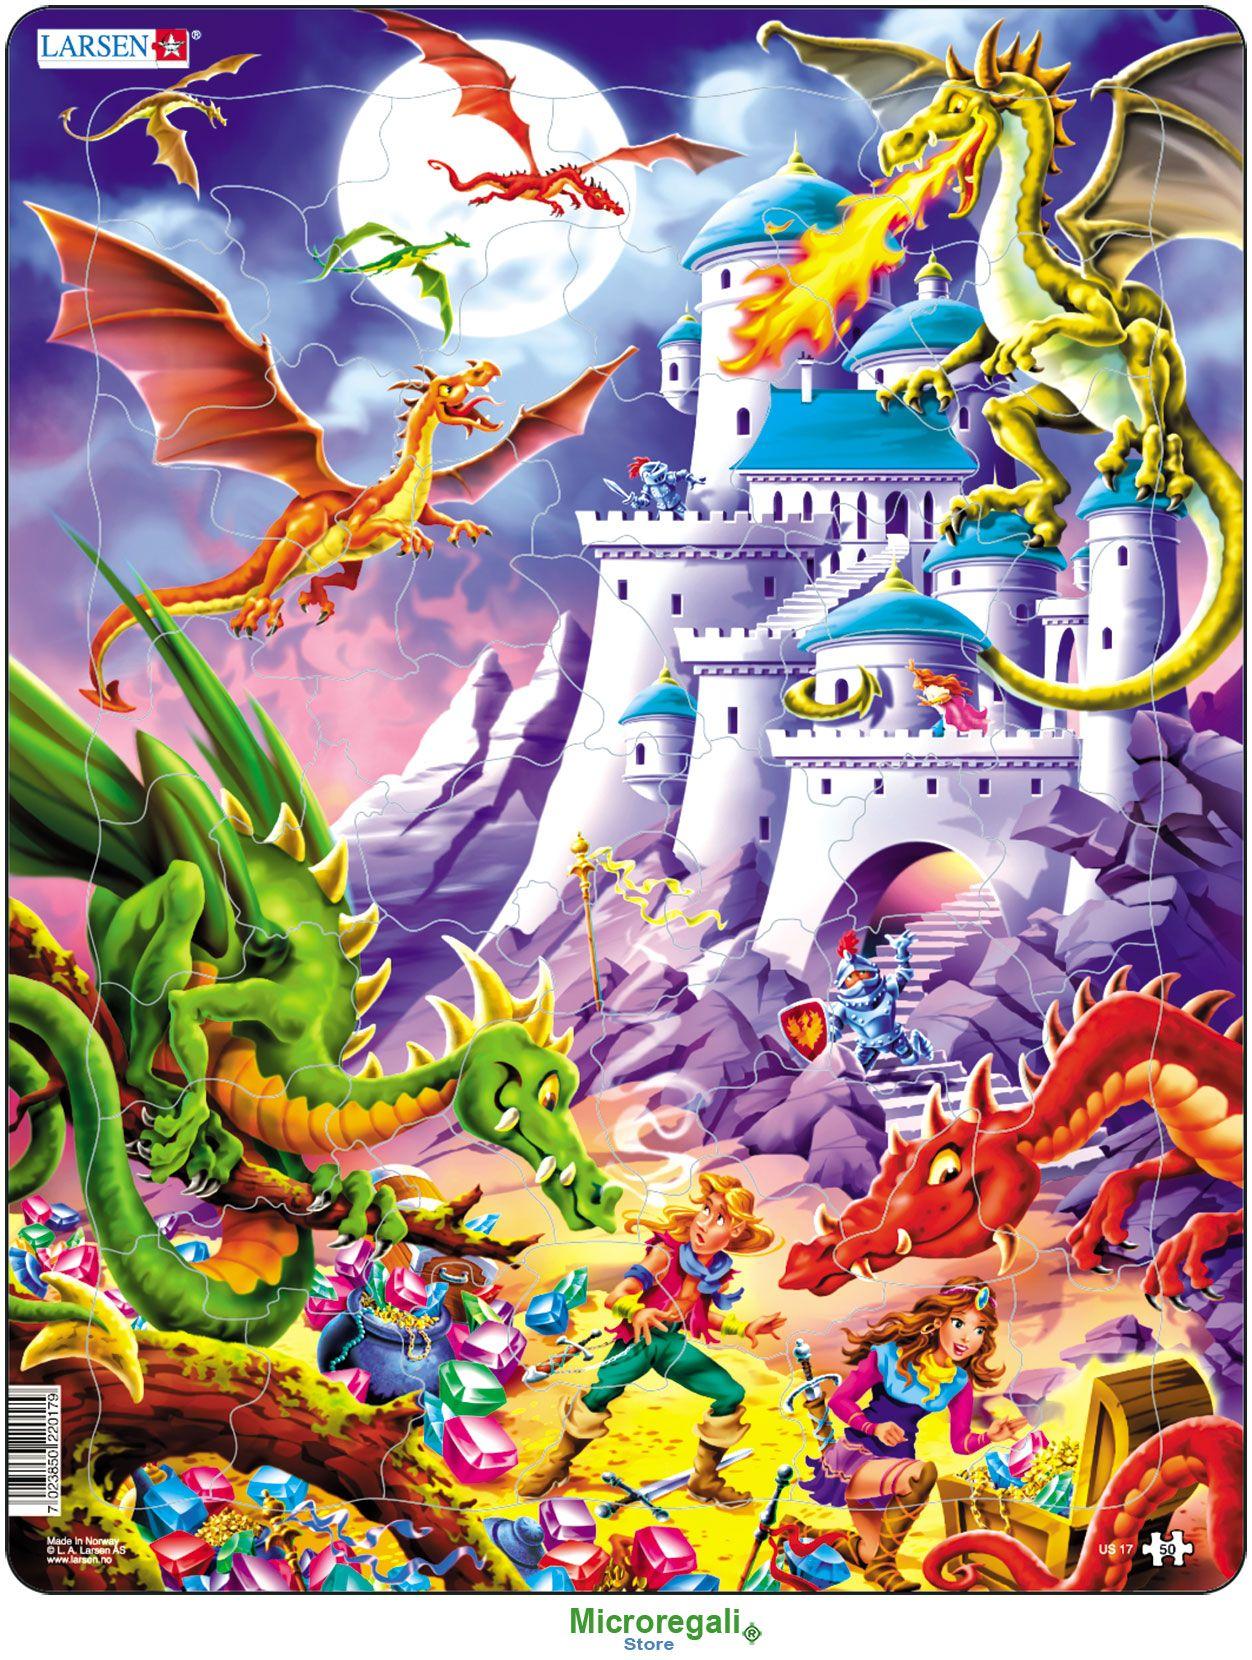 Puzzle per Bambini DRAGHI CARTOONS cm 36x28 (50 pezzi). Larsen. - Puzzle, Puzzle in Legno e Giganti - Regali per i BAMBINI